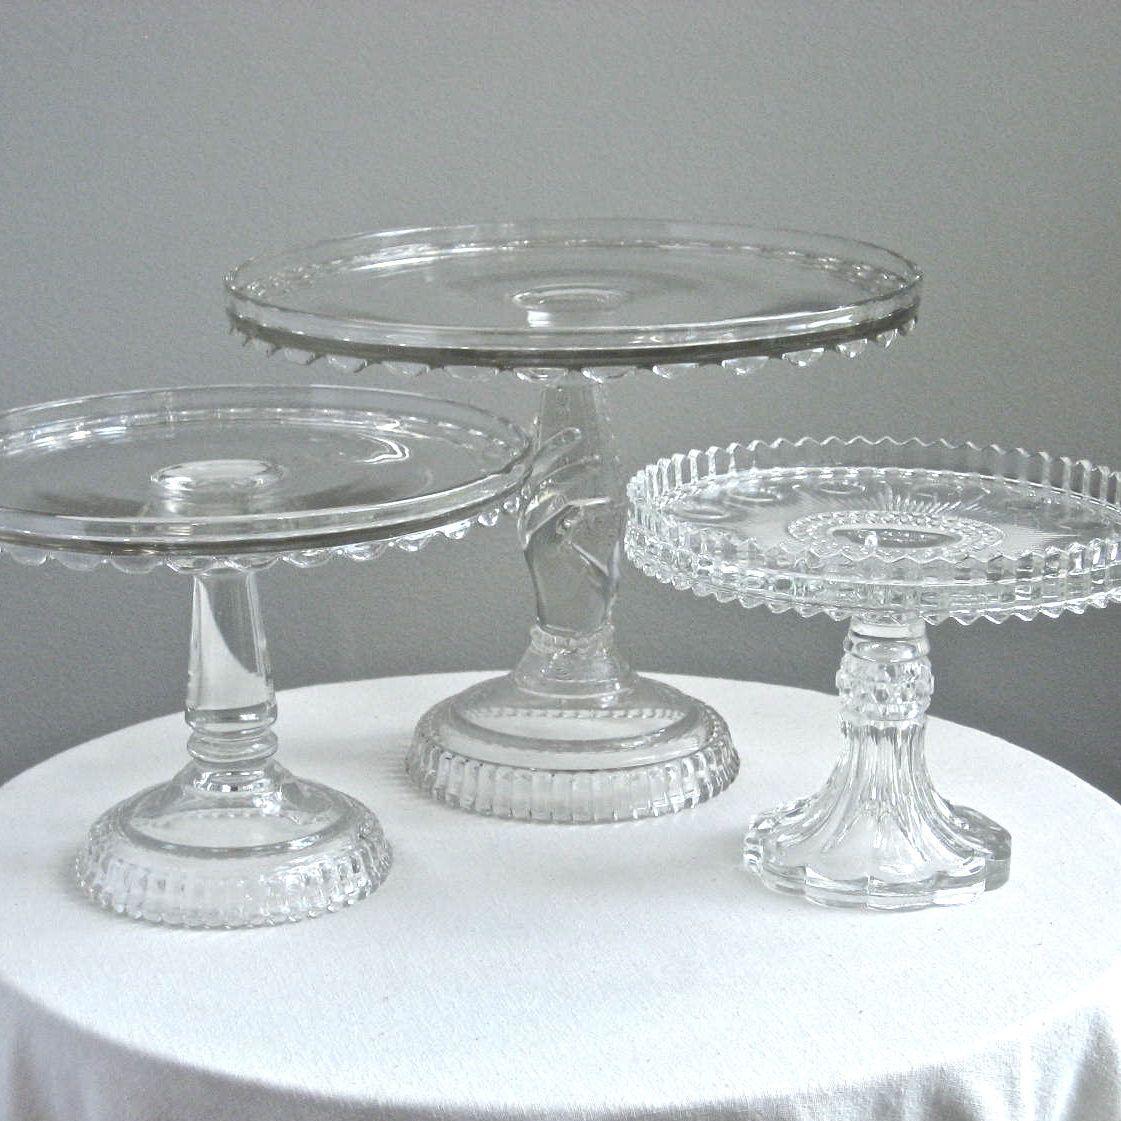 Jeni Sandberg   Barking Sands Vintage: Vintage Wedding Cake Stands    Victorian Glass, Milk